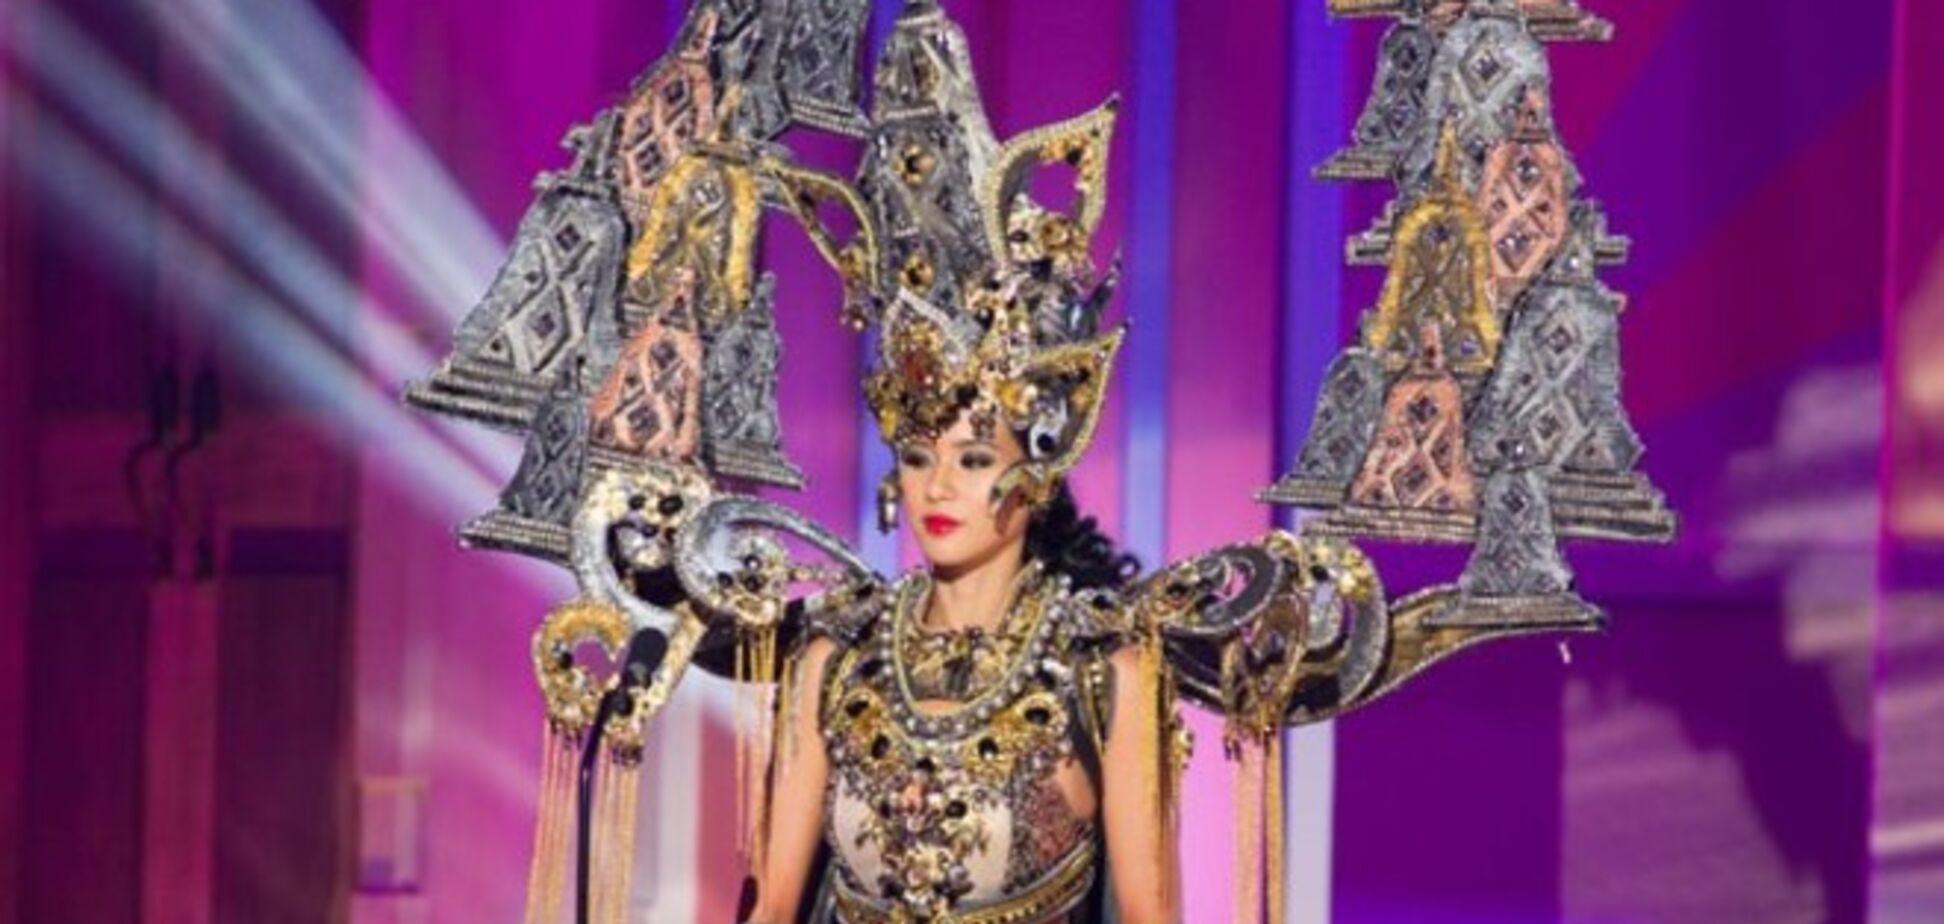 Определен лучший национальный костюм конкурса 'Мисс Вселенная 2015'